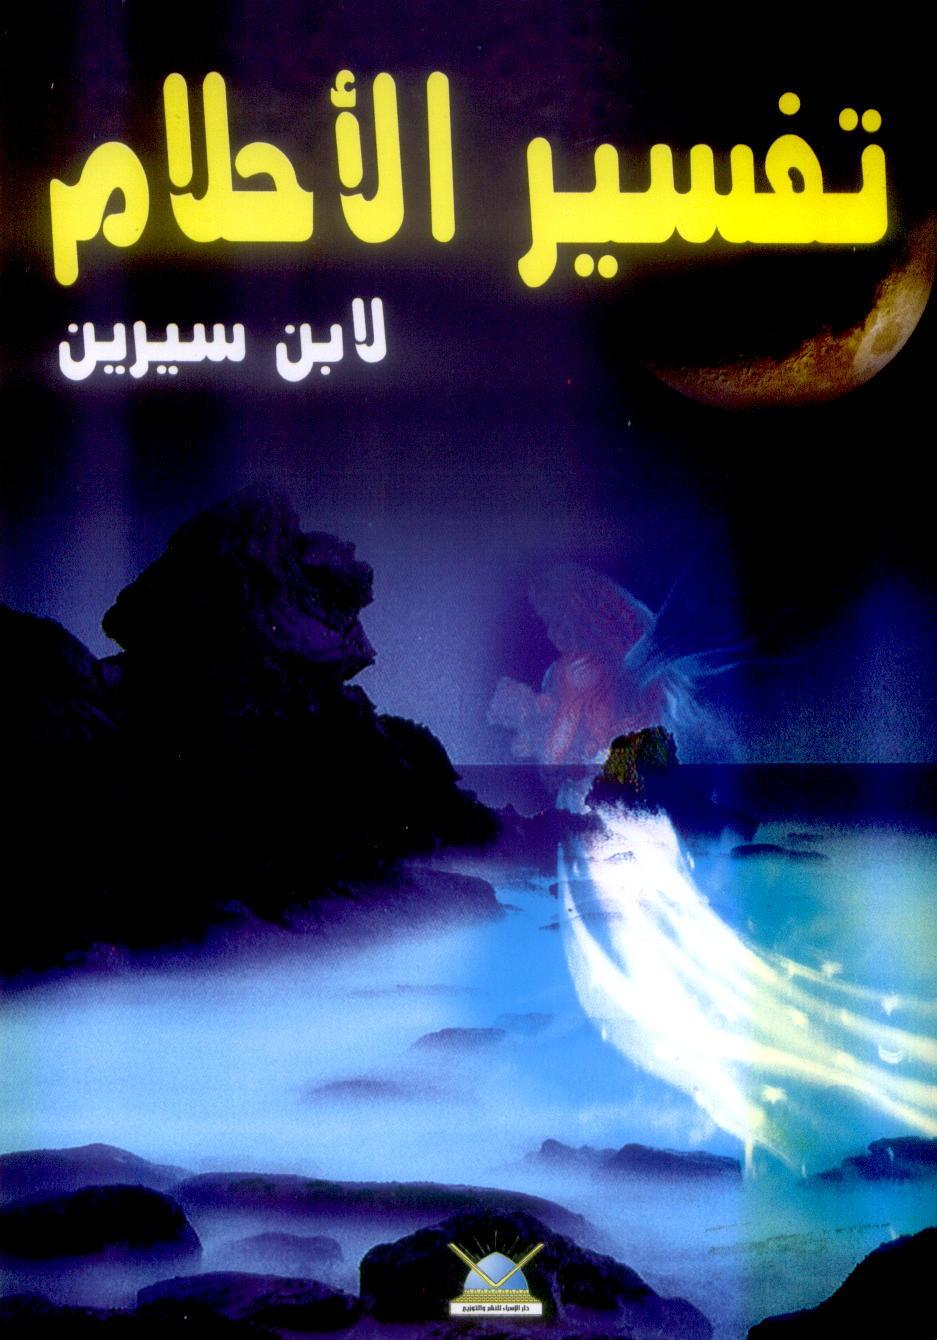 صوره تفسير رؤيا الصوم في المنام لابن سيرين